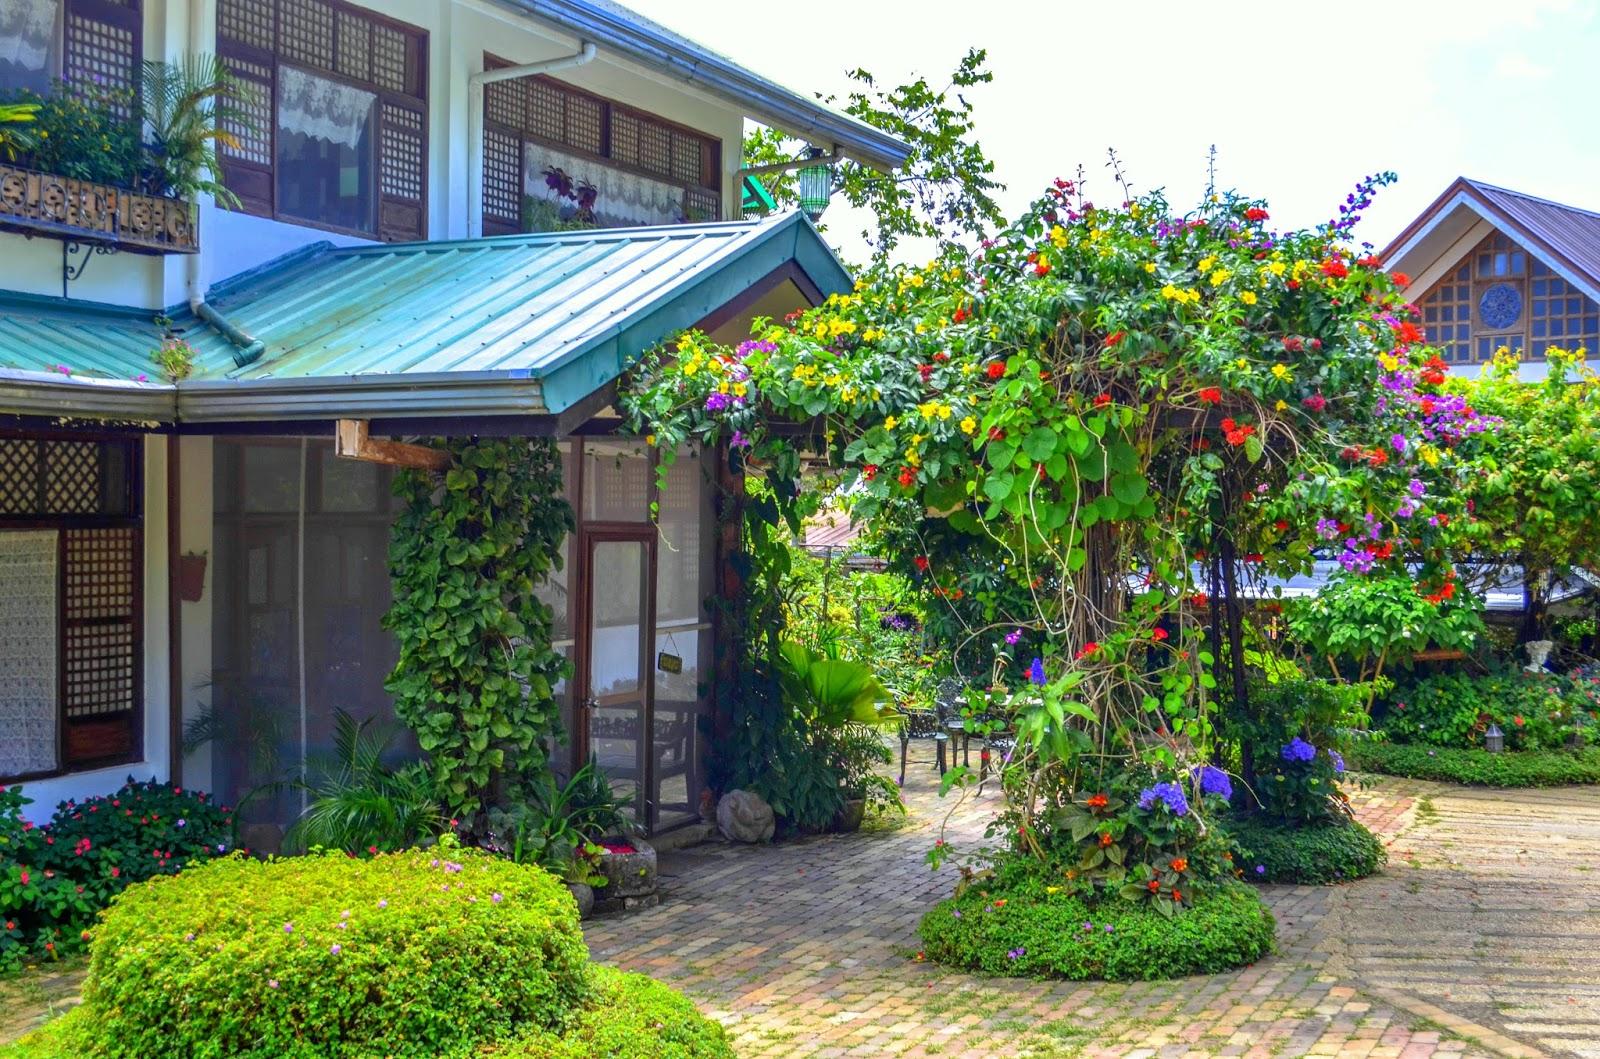 rustic breakfast spots in tagaytay sonya's secret garden